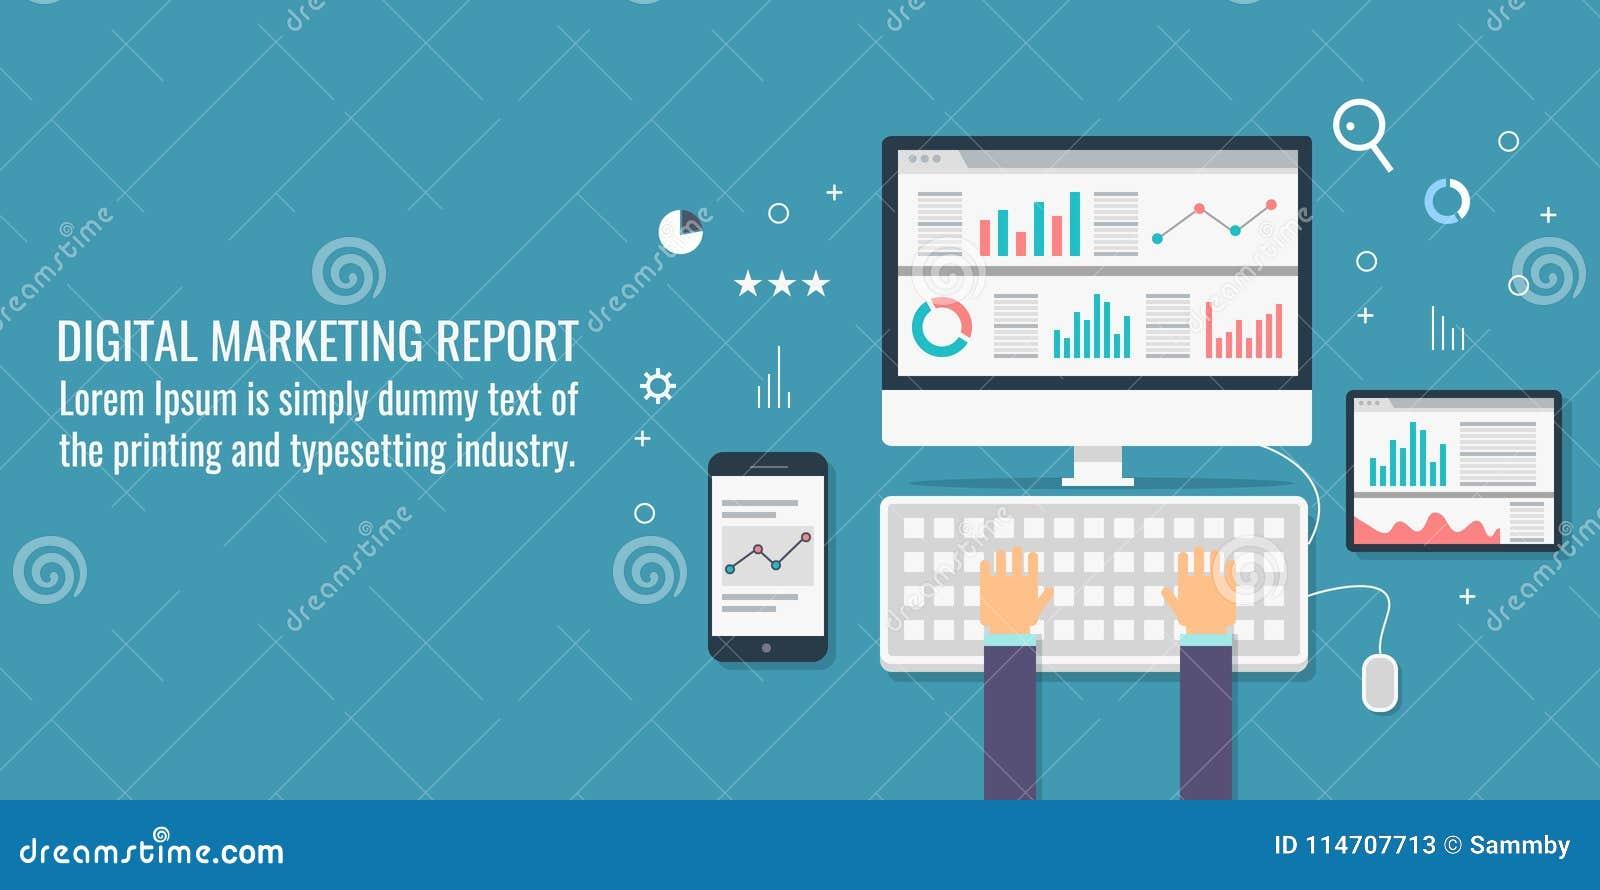 数字式营销、数据逻辑分析方法、信息、市场研究、审计、企业规划和发展概念